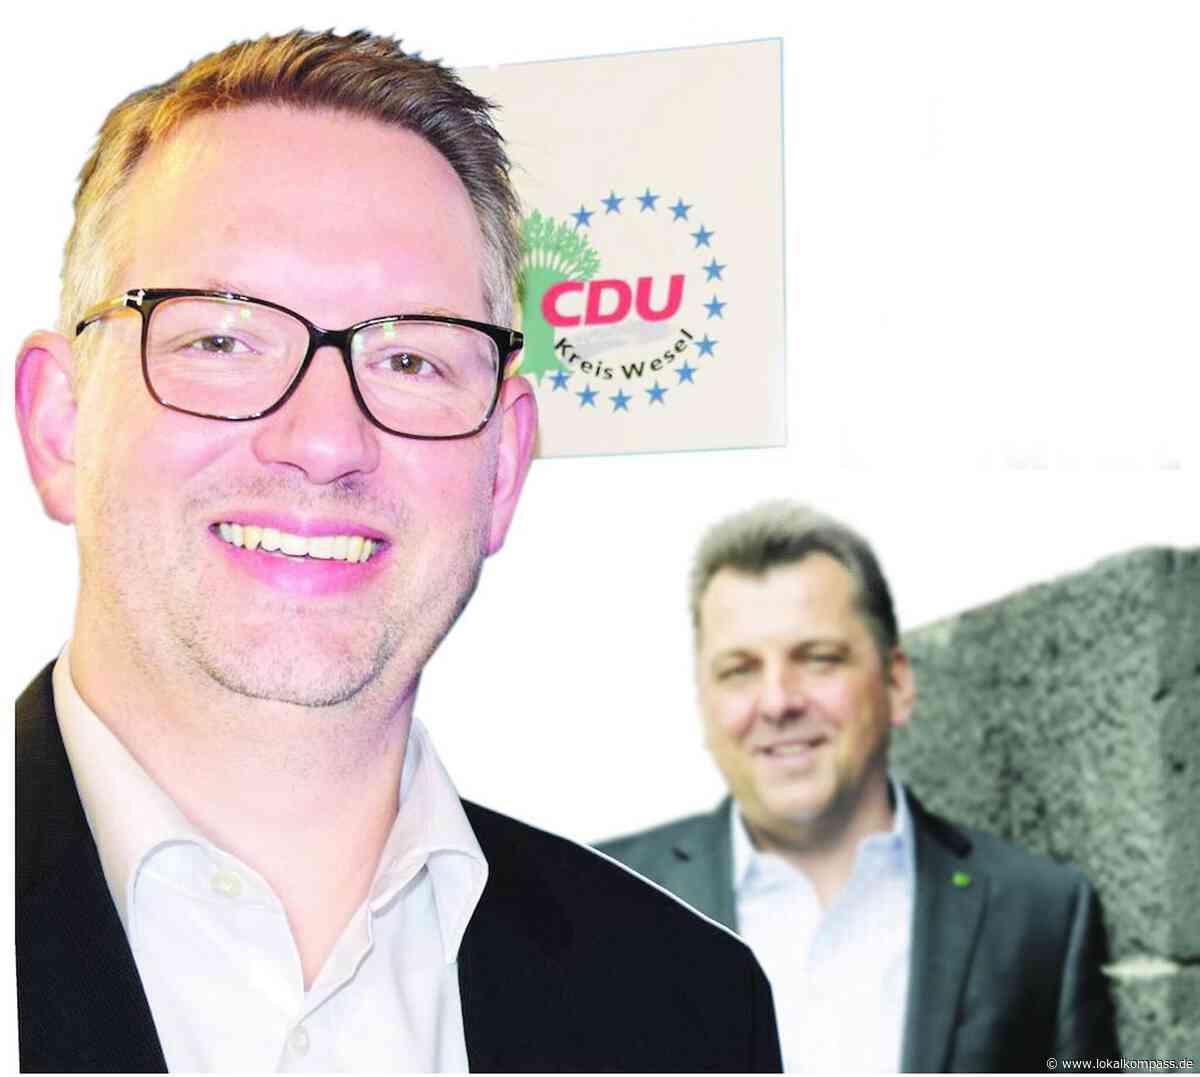 Die Stichwahl - Konservative Kandidaten gewinnen auf Kreisebene und in Dinslaken: Ingo Brohl (CDU) ist neuer Landrat - Michaela Eislöffel ist neue Bürgermeisterin der Altkreisstadt - Lokalkompass.de